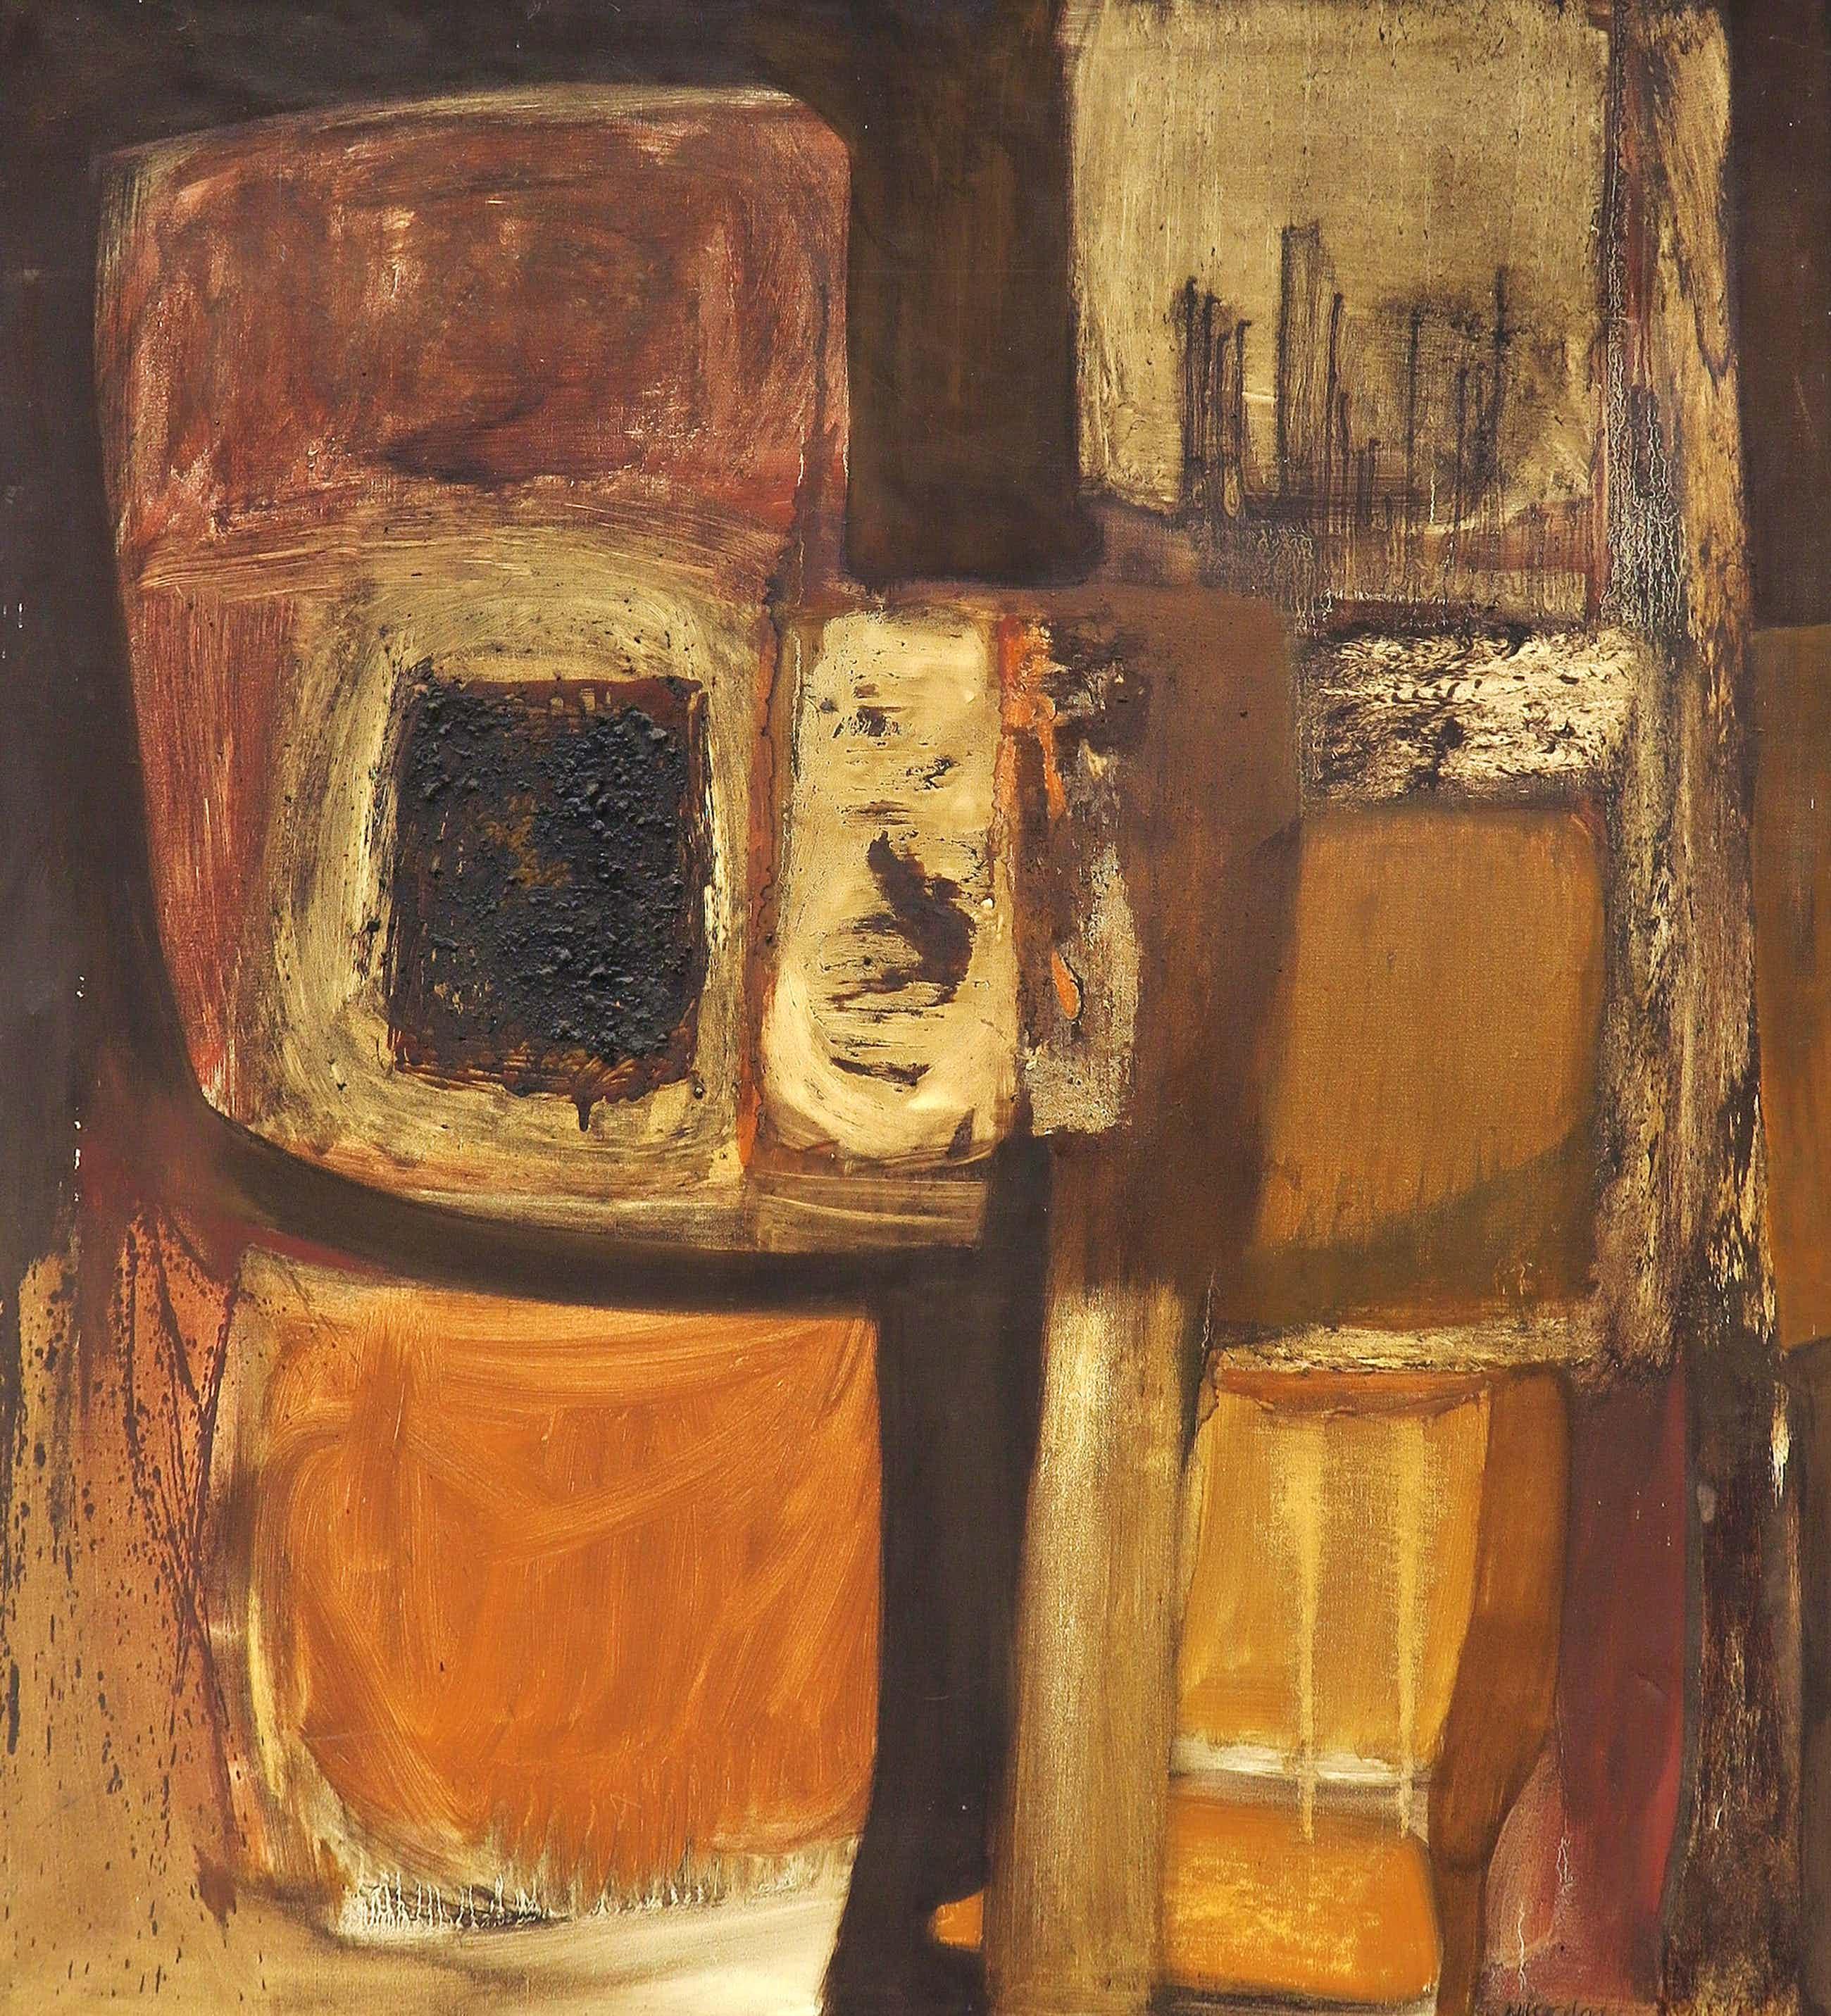 Frans Nicolai - Gemengde techniek op doek, Abstracte compositie kopen? Bied vanaf 130!